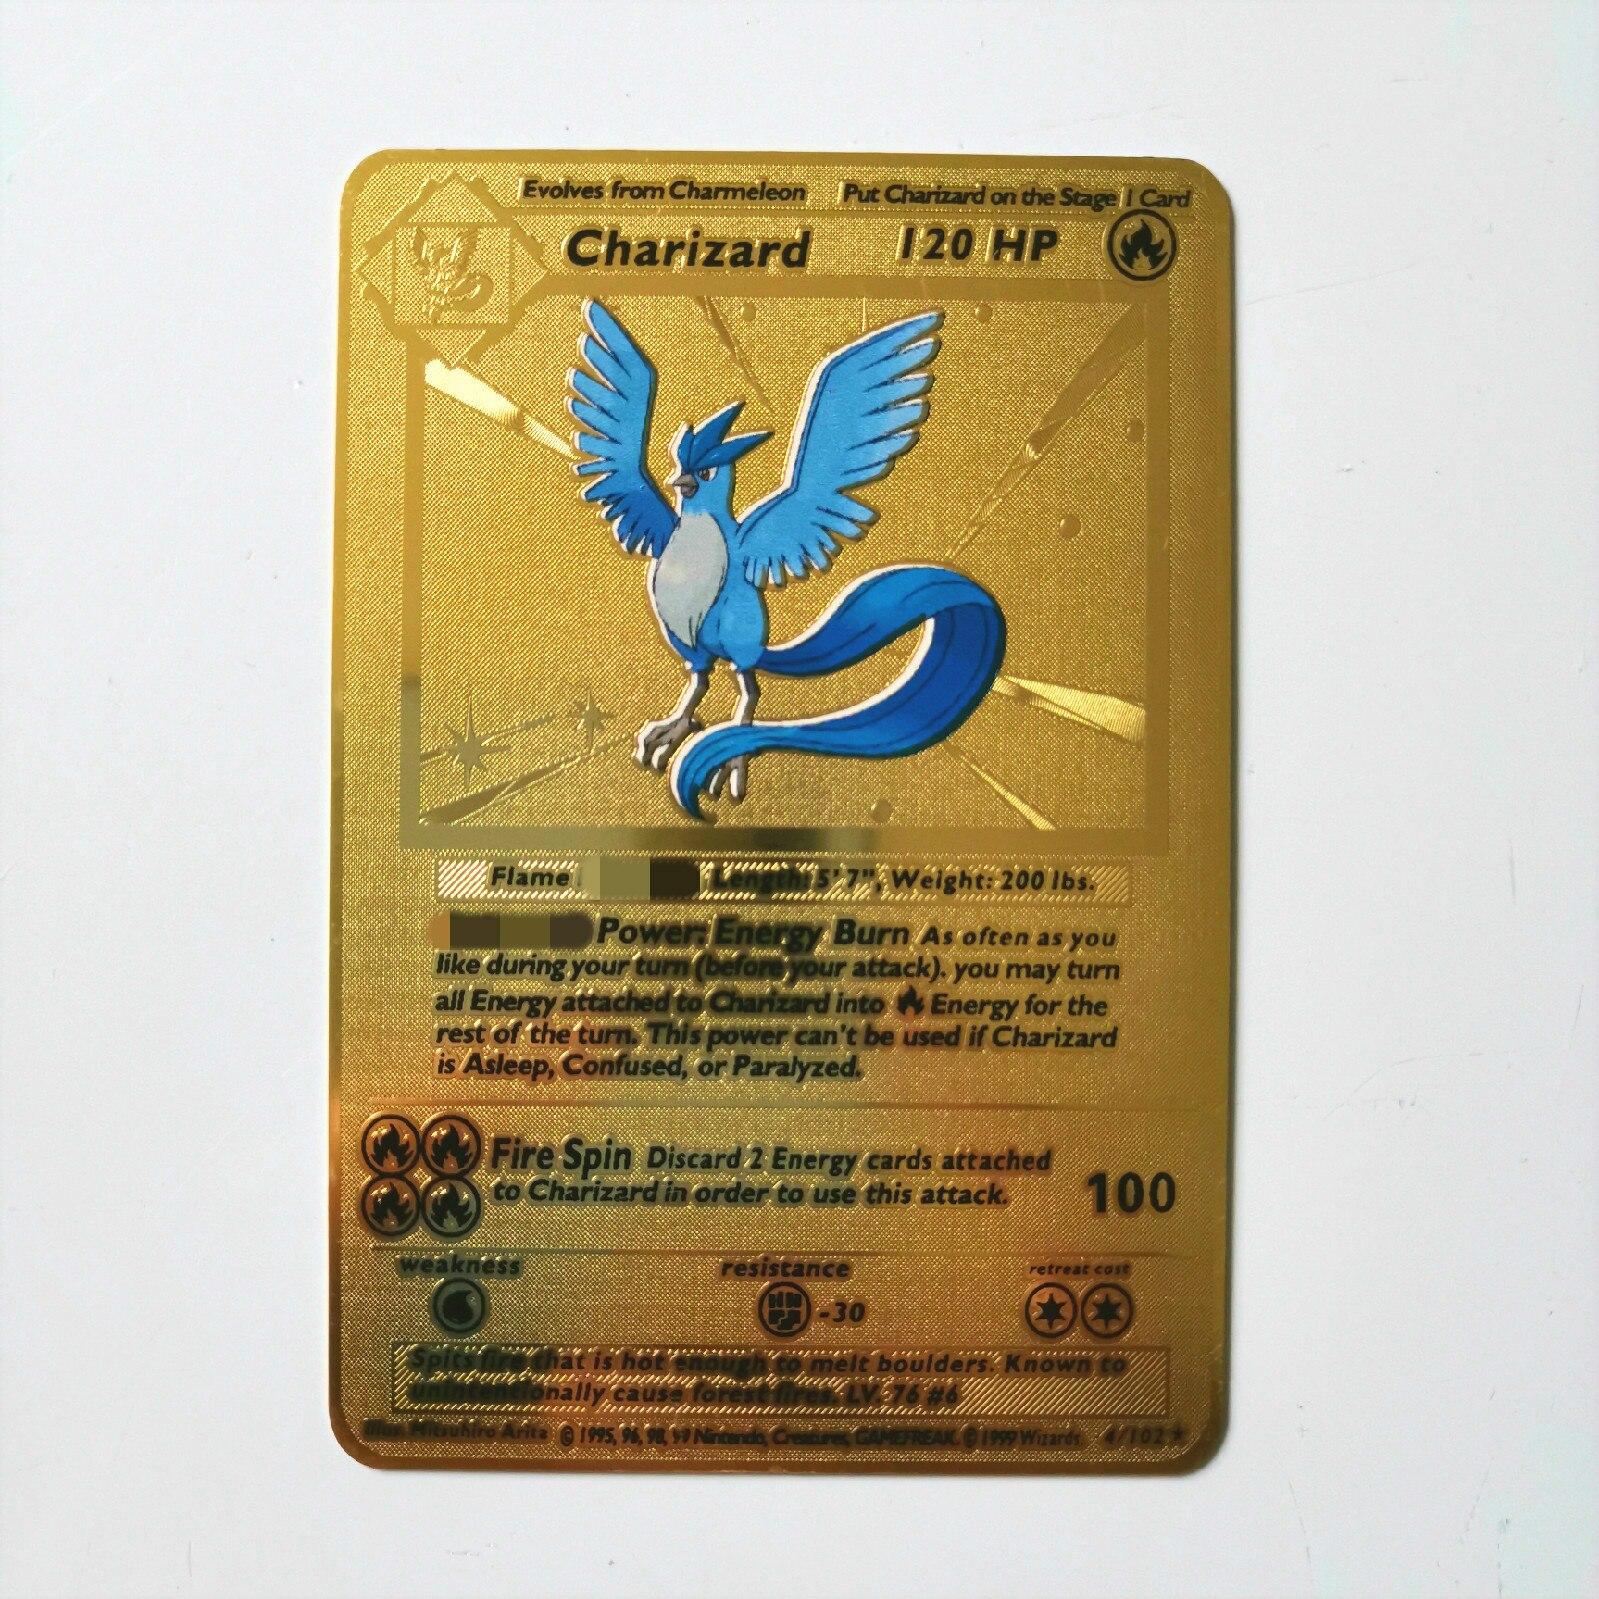 Dragon Ball золотая металлическая карточка супер игра Коллекция аниме-открытки игра детская игрушка - Цвет: M